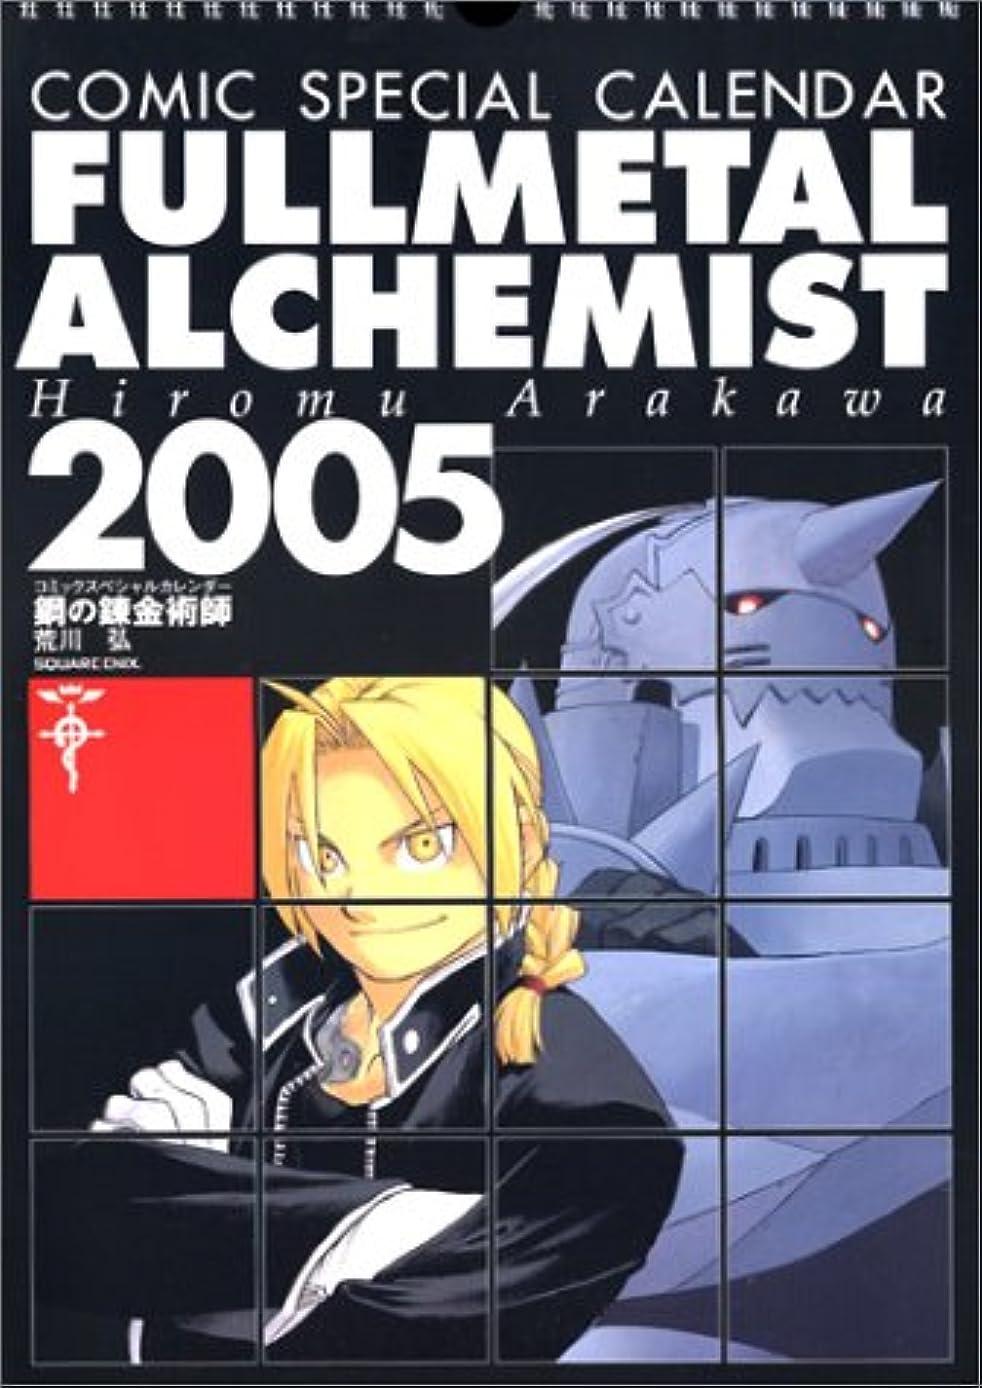 看板影響橋脚コミックスペシャルカレンダー2005「鋼の錬金術師」 ([カレンダー])